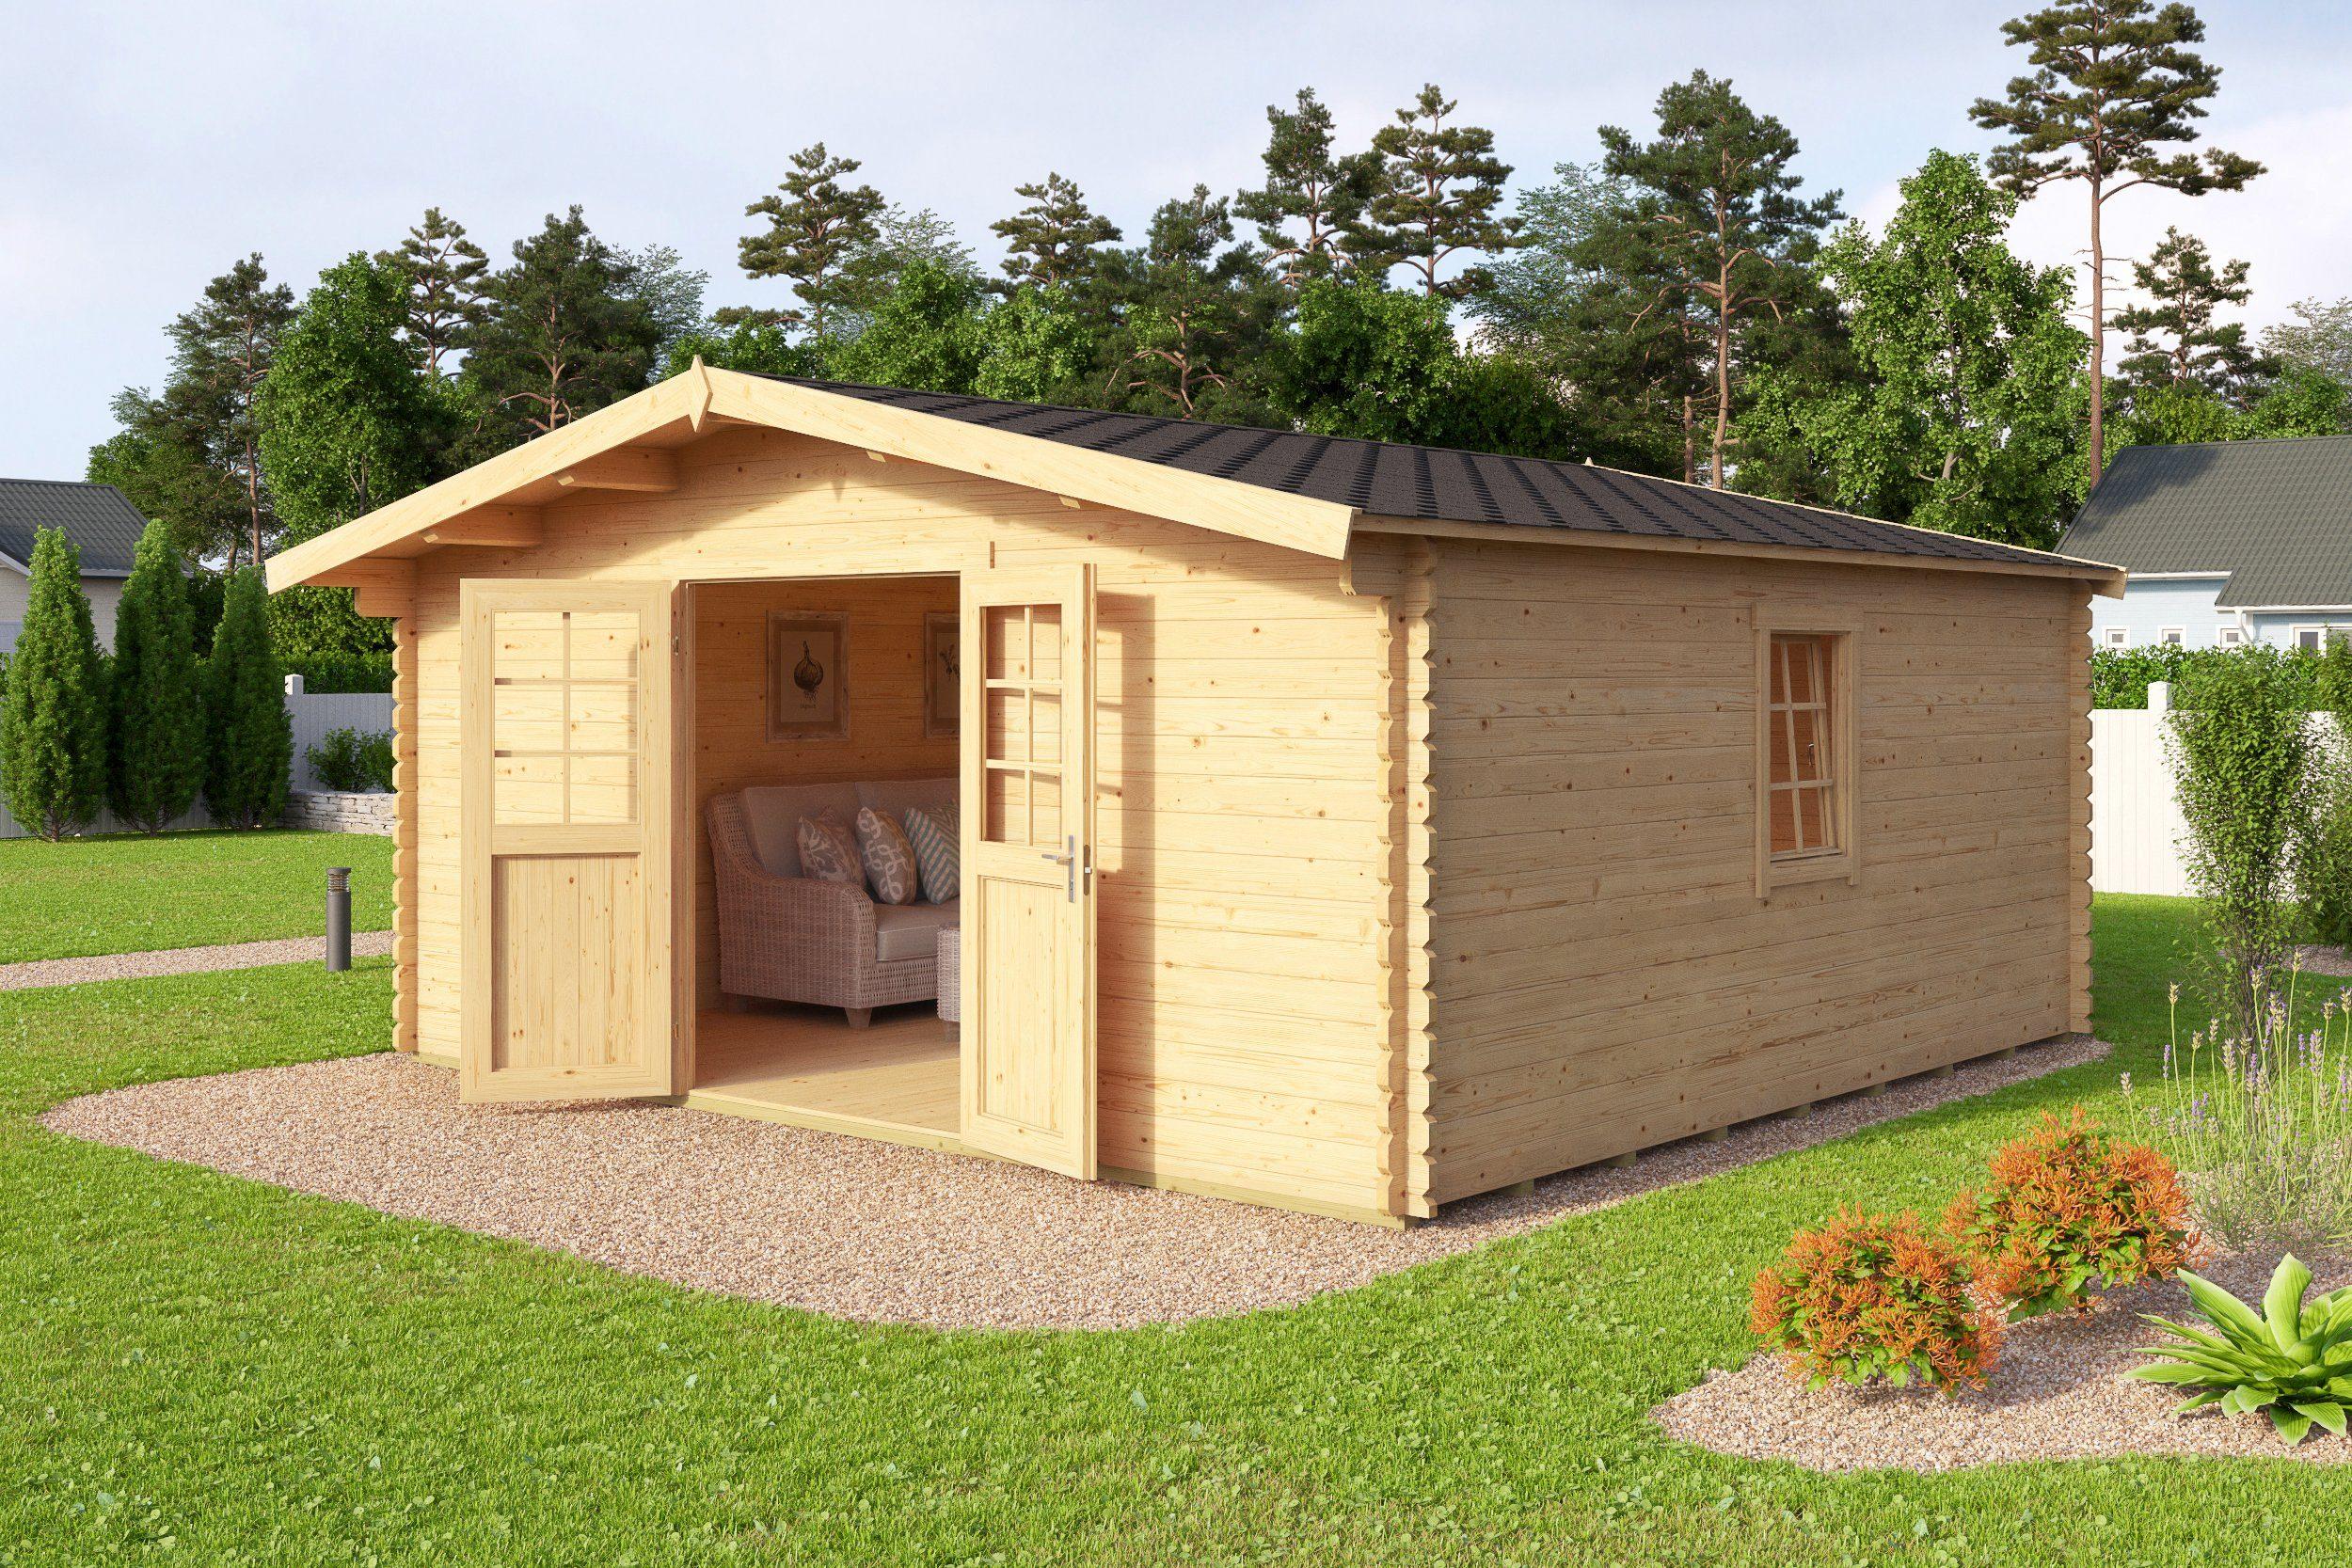 Fußboden Gartenhaus Holz ~ Gartenhaus blockhaus m m terrasse und fußboden in